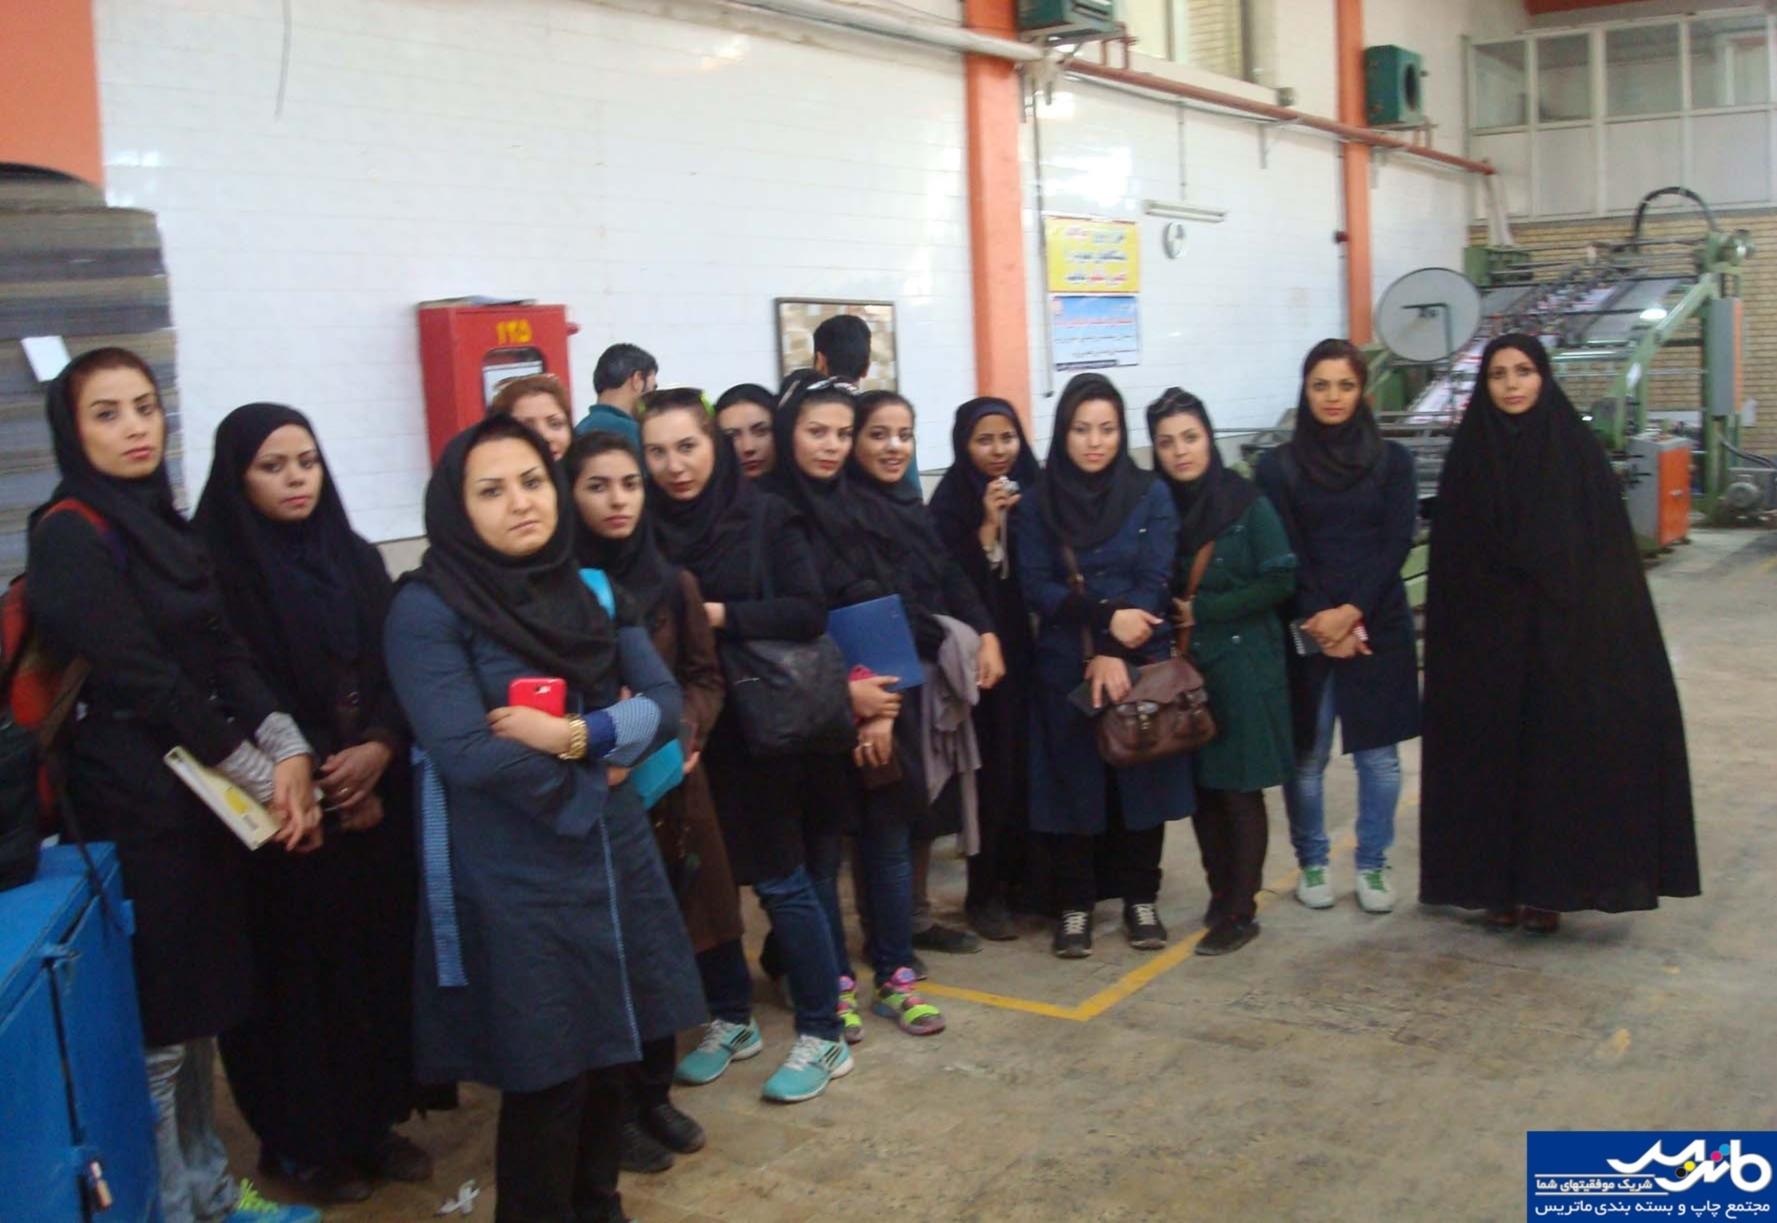 دانشجویان دانشگاه های اصفهان- پائیز92